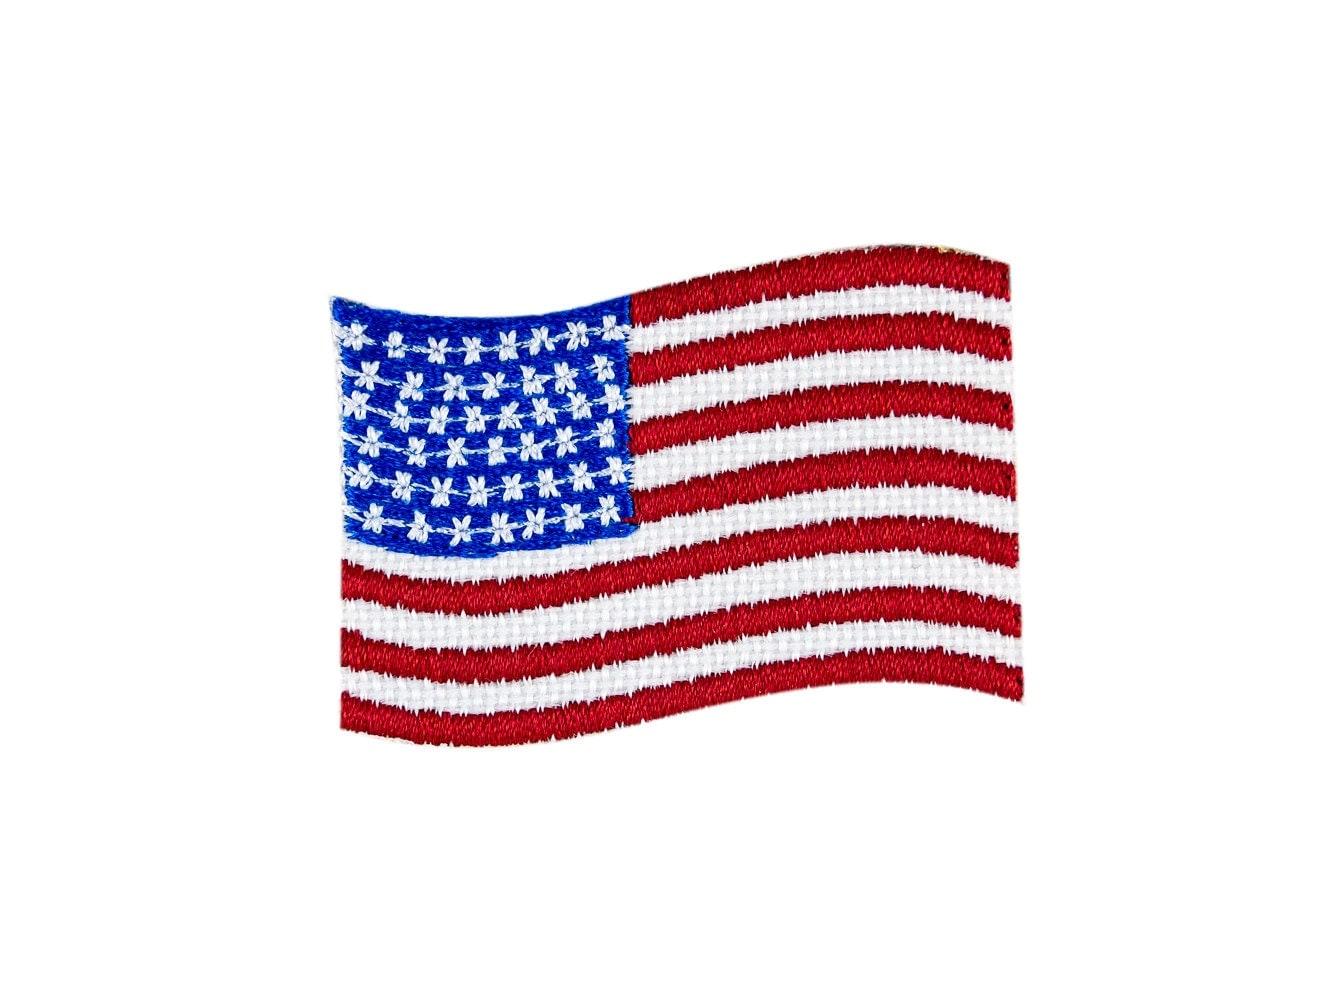 milan flag emoji names - photo#28